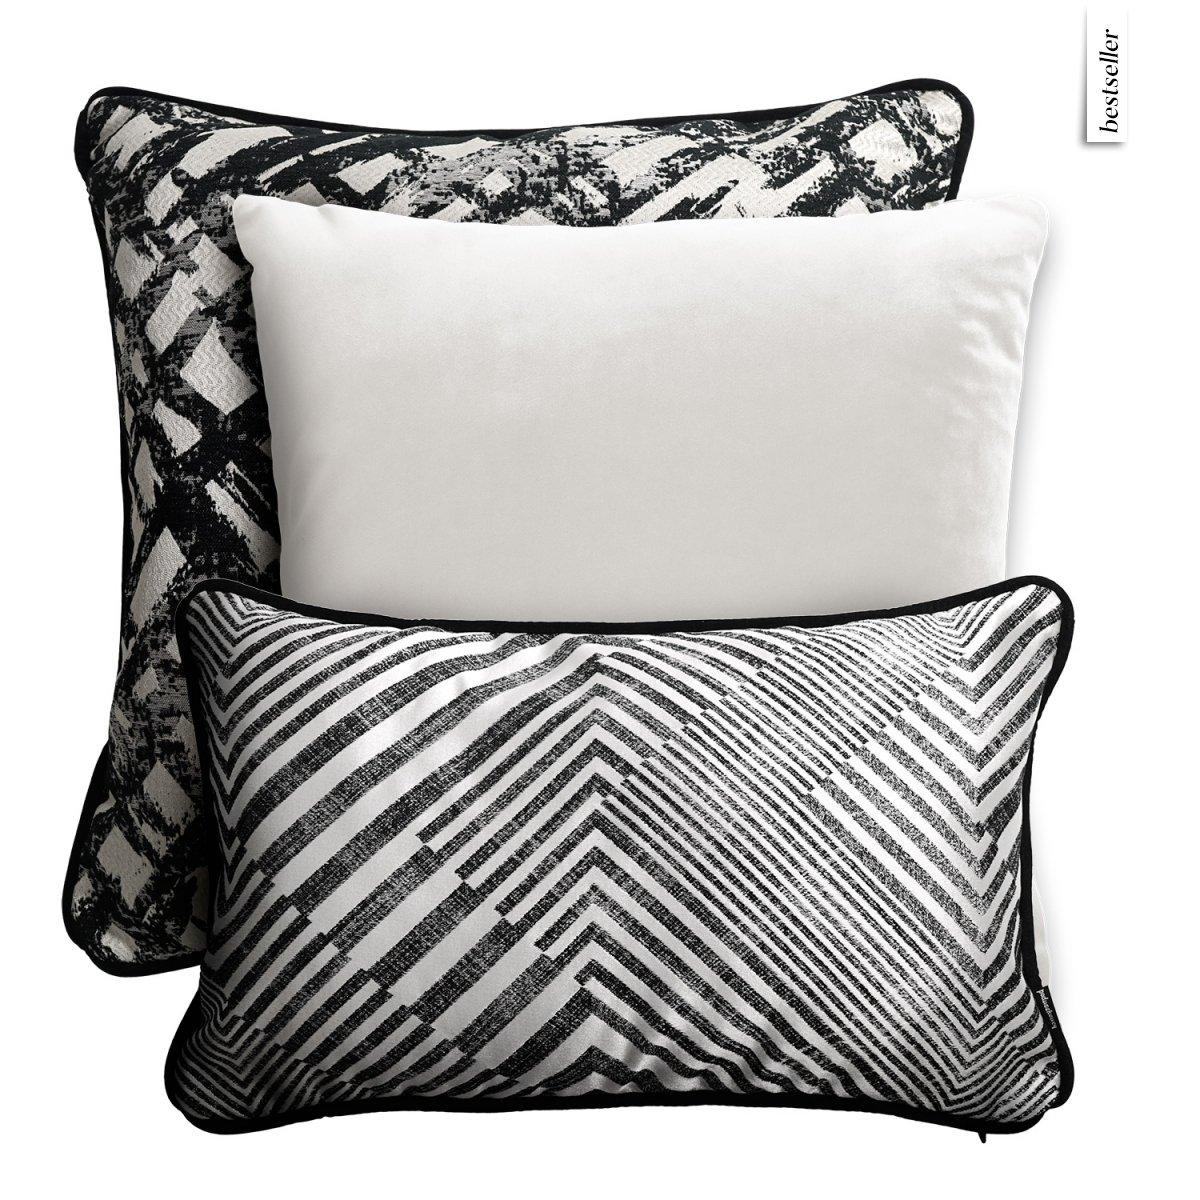 Perłowy zestaw poduszek dekoracyjnych Glam